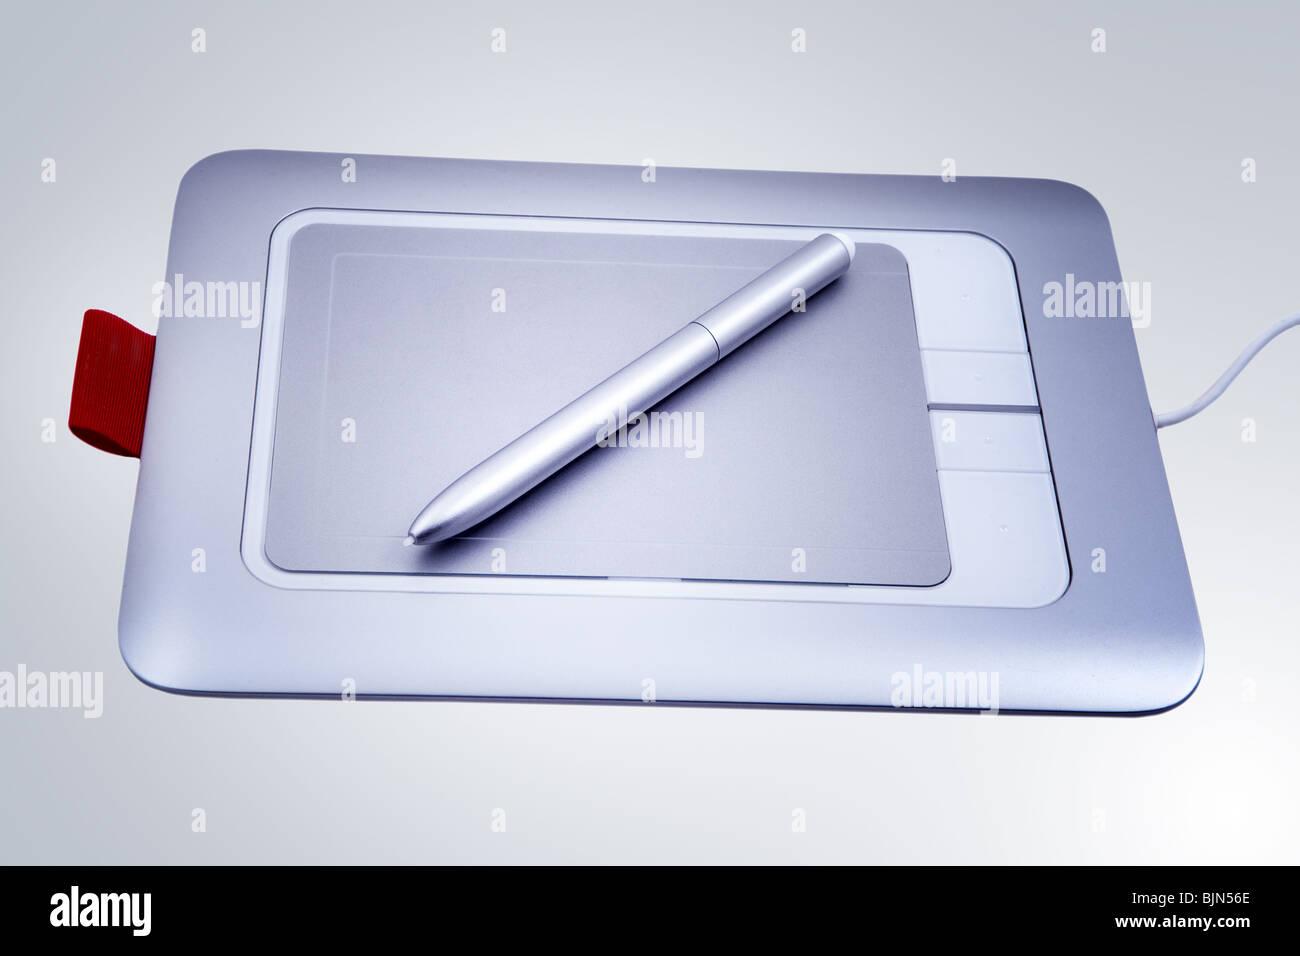 Tablette de dessin électronique isolé sur fond bleu Photo Stock